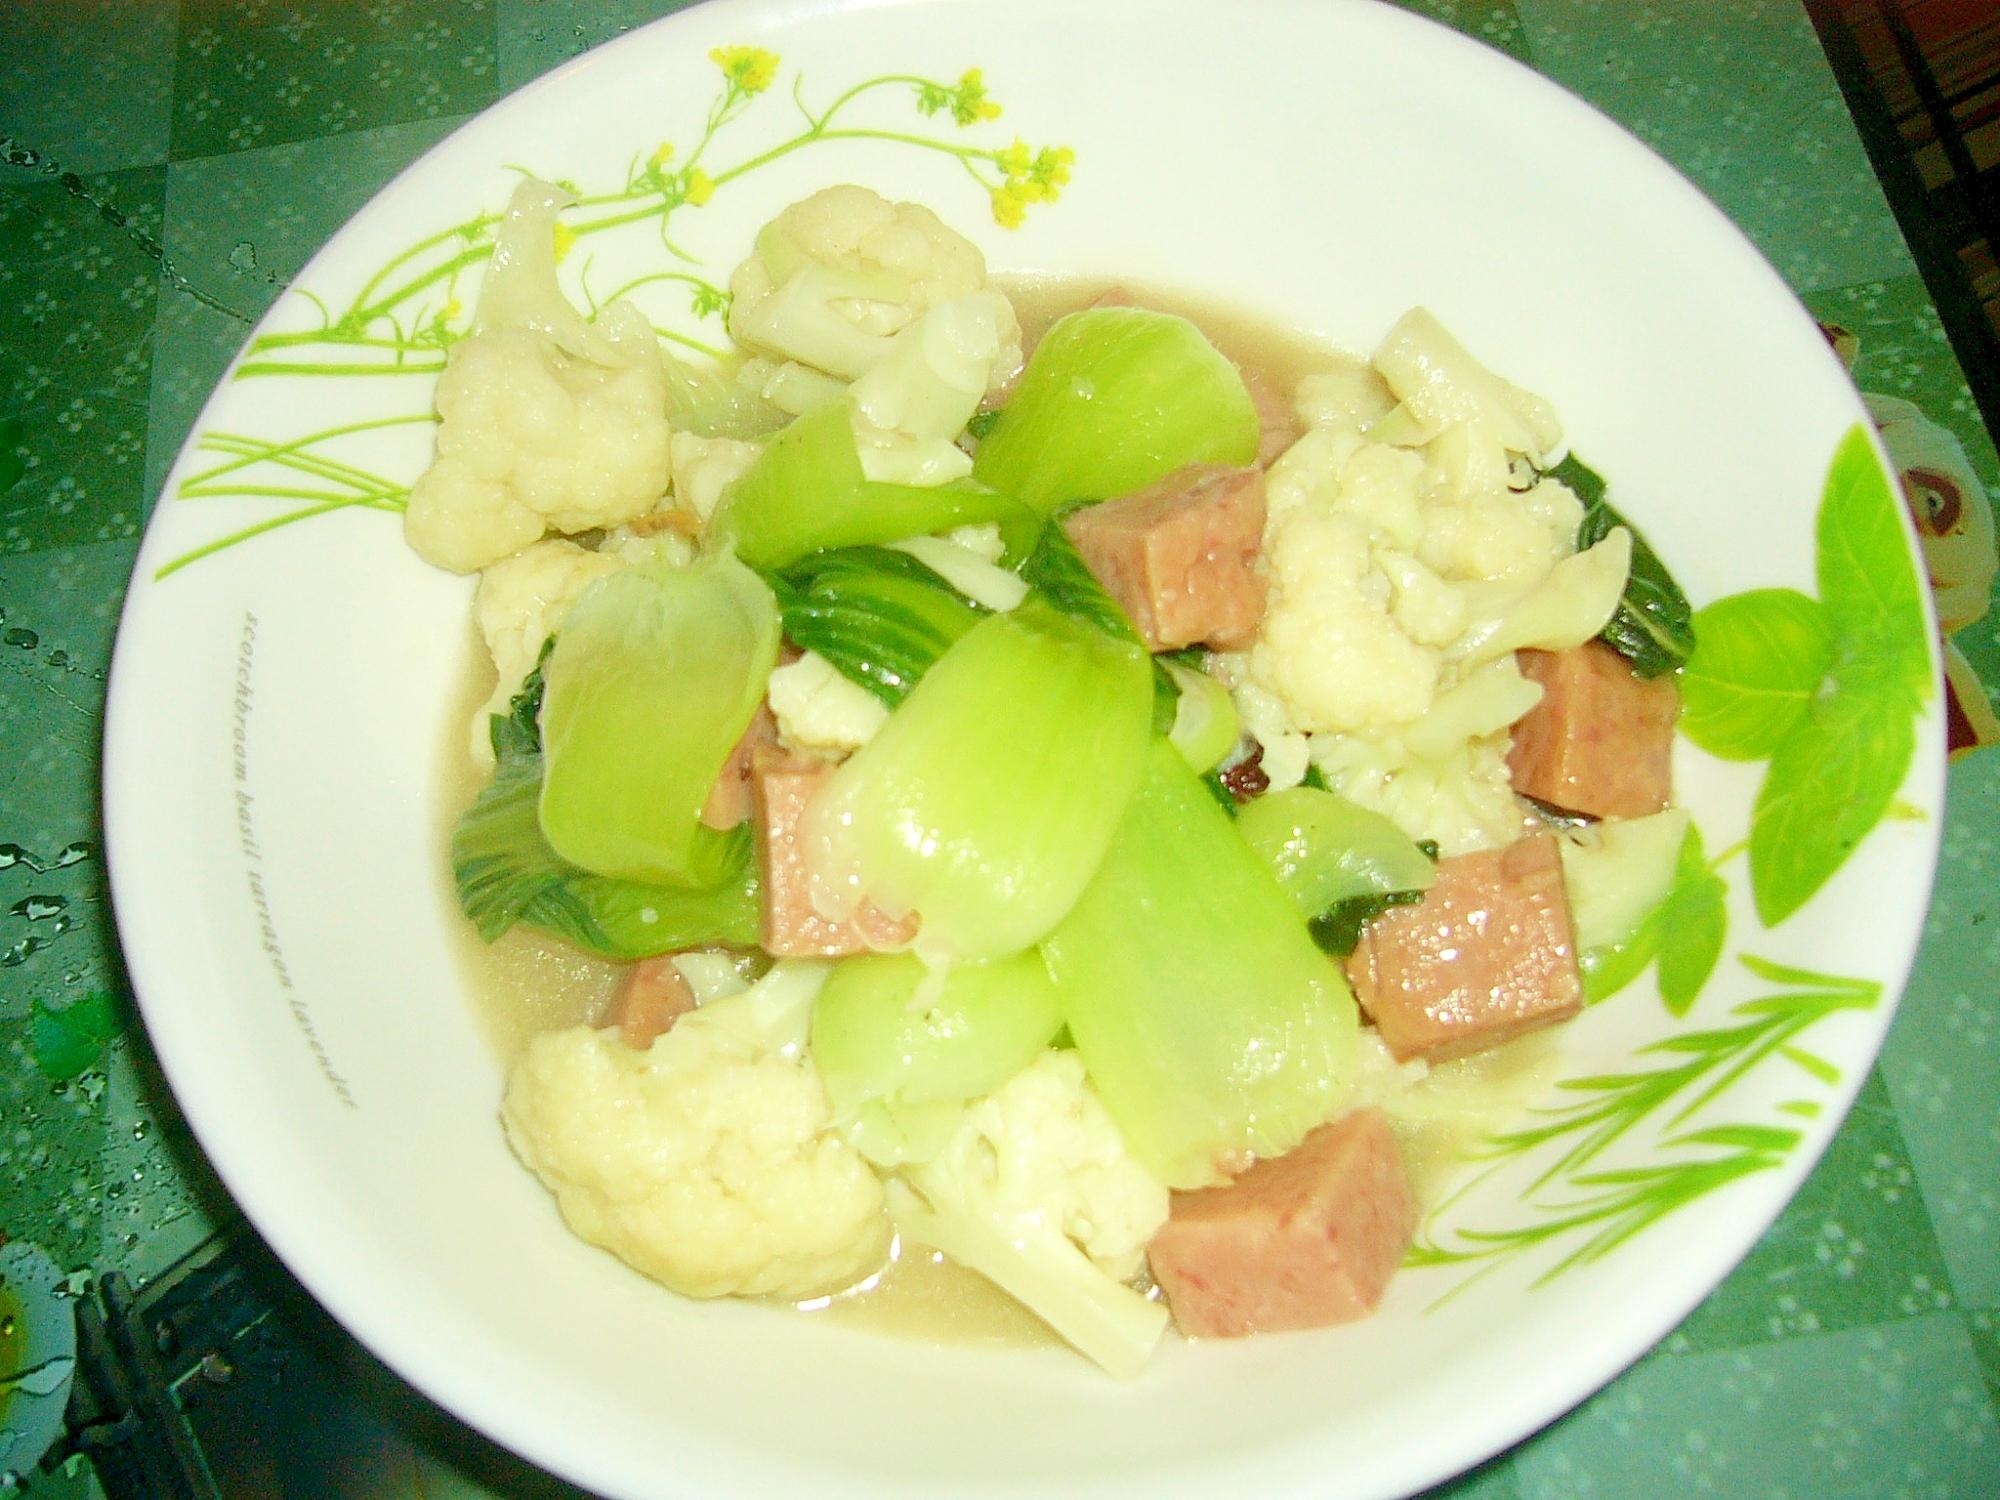 カリフラワー、青梗菜とスパムの煮込み